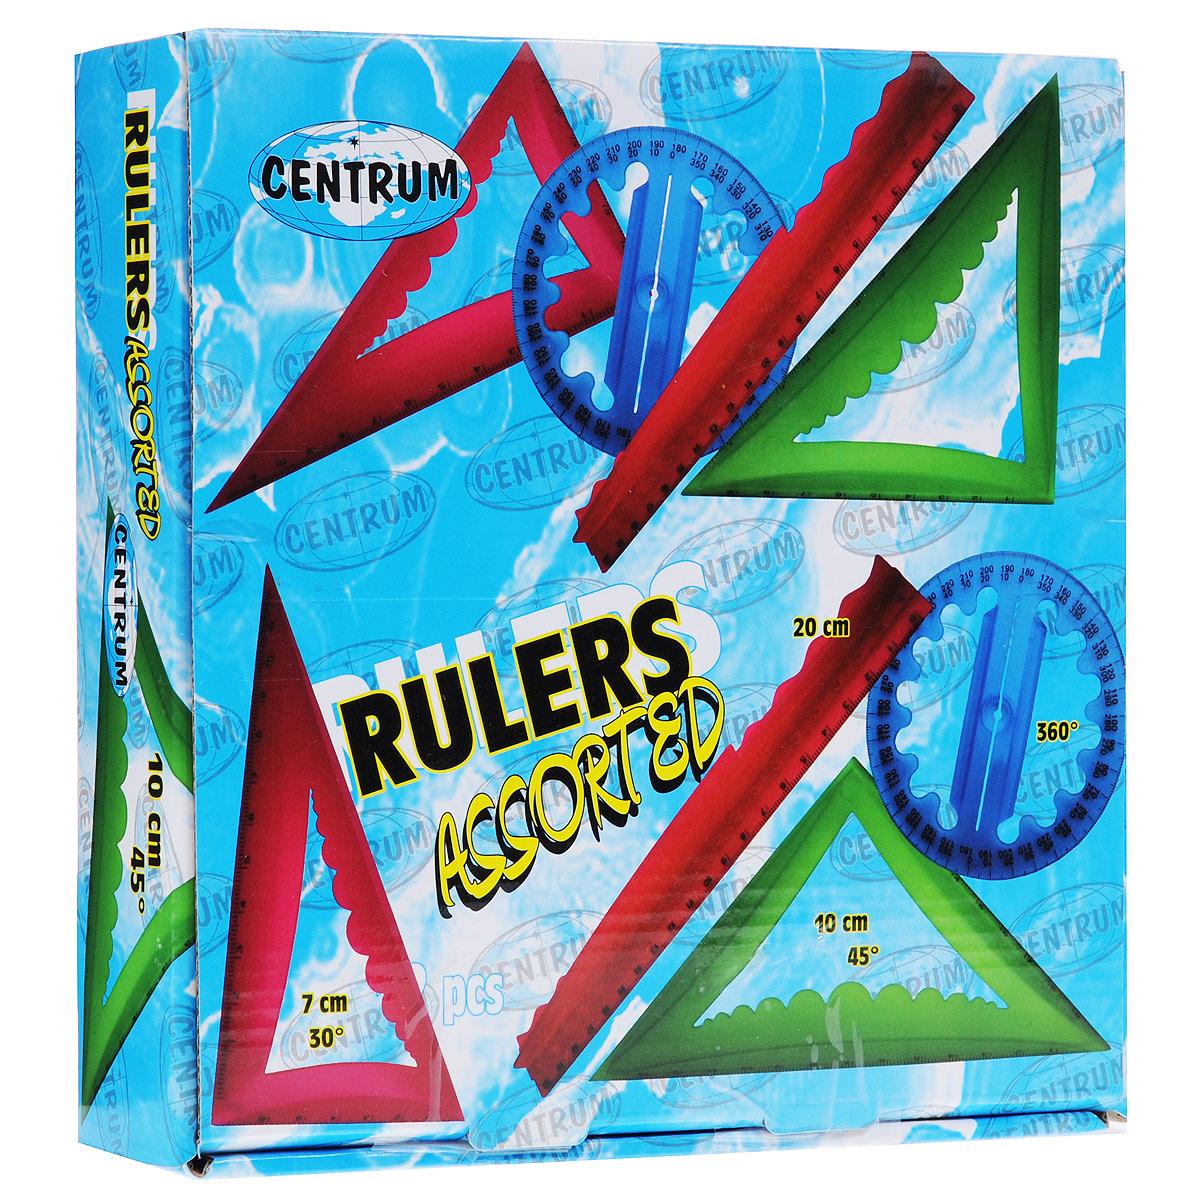 Набор объемных линеек Centrum, 48 шт83540Набор Centrum включает 48 объемных линеек: 12 линеек 20 см, 12 треугольников 30°, 12 треугольников 45° и 12 транспортиров 360°. Линейки представлены четырех цветов: оранжевого, розового, синего и зеленого (по три линейки каждого цвета и каждого вида).